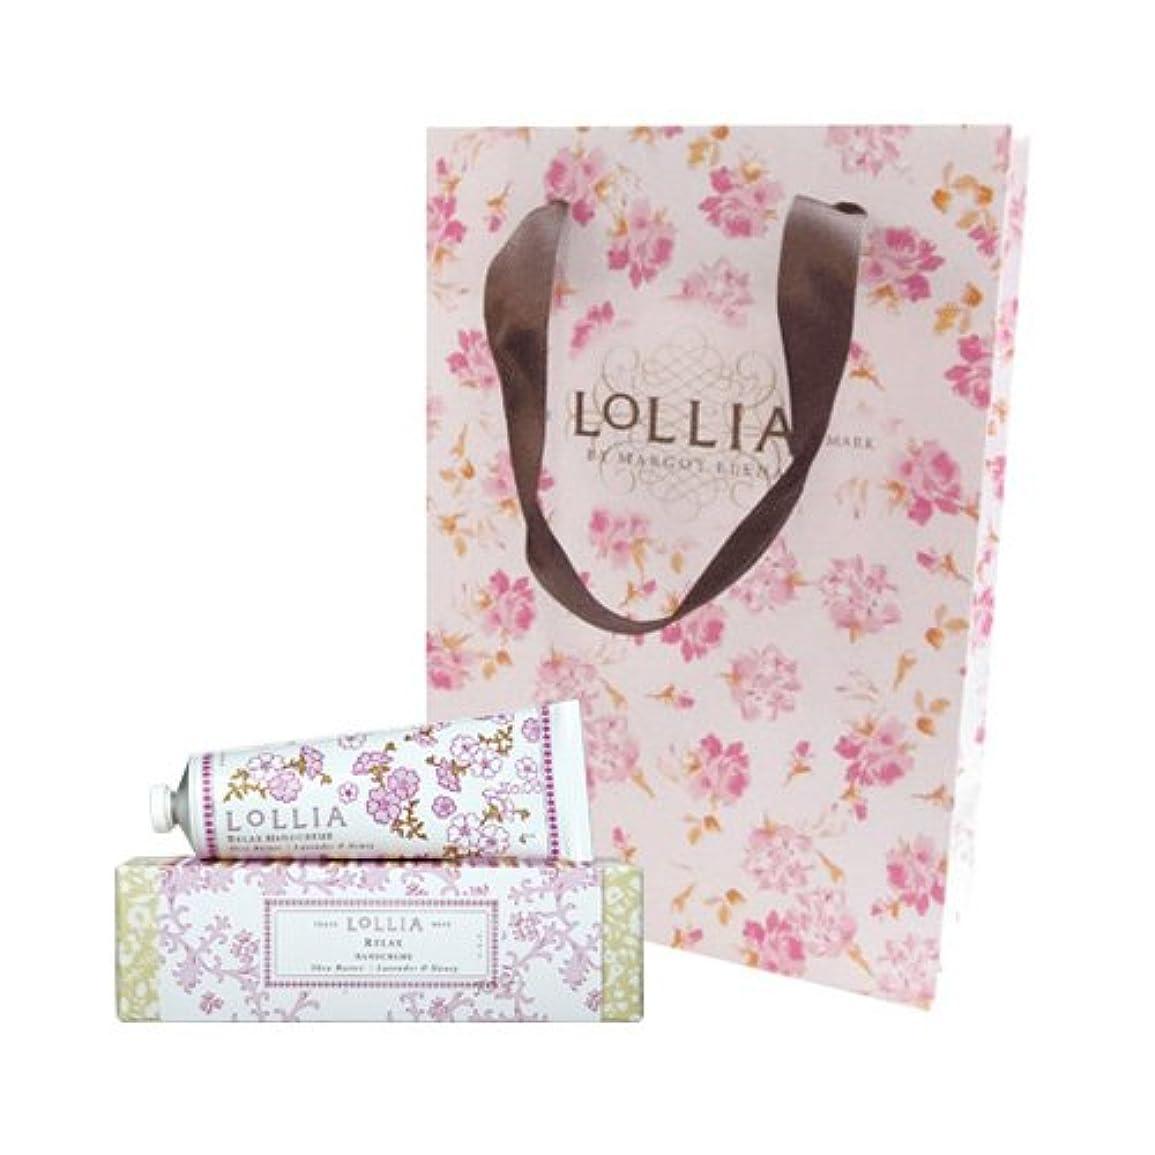 メナジェリー変動する砦ロリア(LoLLIA) ハンドクリーム Relax 35g (蘭、ラベンダー、バニラとハニーの甘い香り) ショッパー付